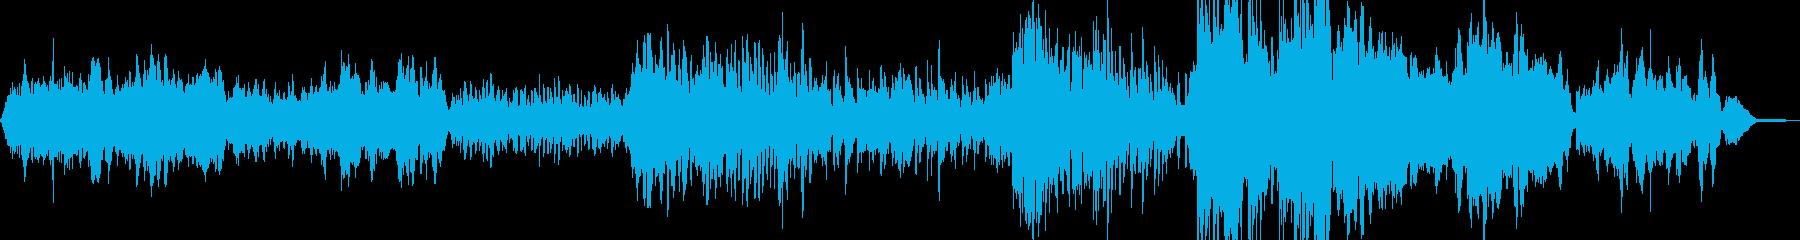 古風なディヴィジョンの再生済みの波形